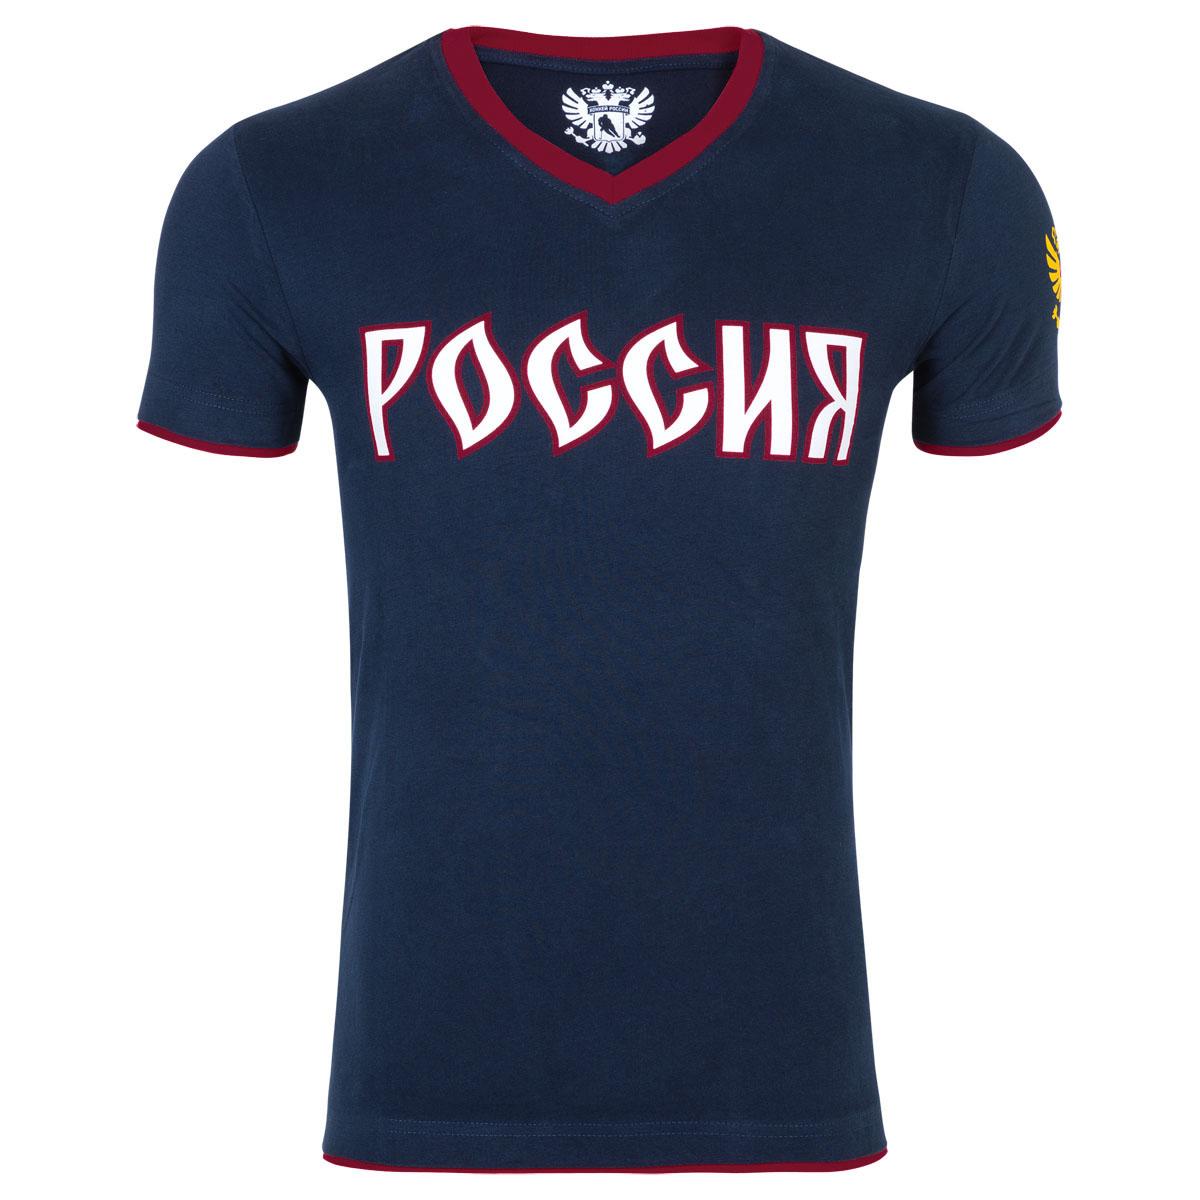 Футболка с логотипом ХК65160068Модная детская футболка Красная Машина Россия выполнена из натурального хлопка. Футболка с короткими рукавами и V-образным вырезом горловины оформлена спереди буквенным принтом, на рукаве - фирменной символикой. Вырез горловины дополнен трикотажной резинкой.